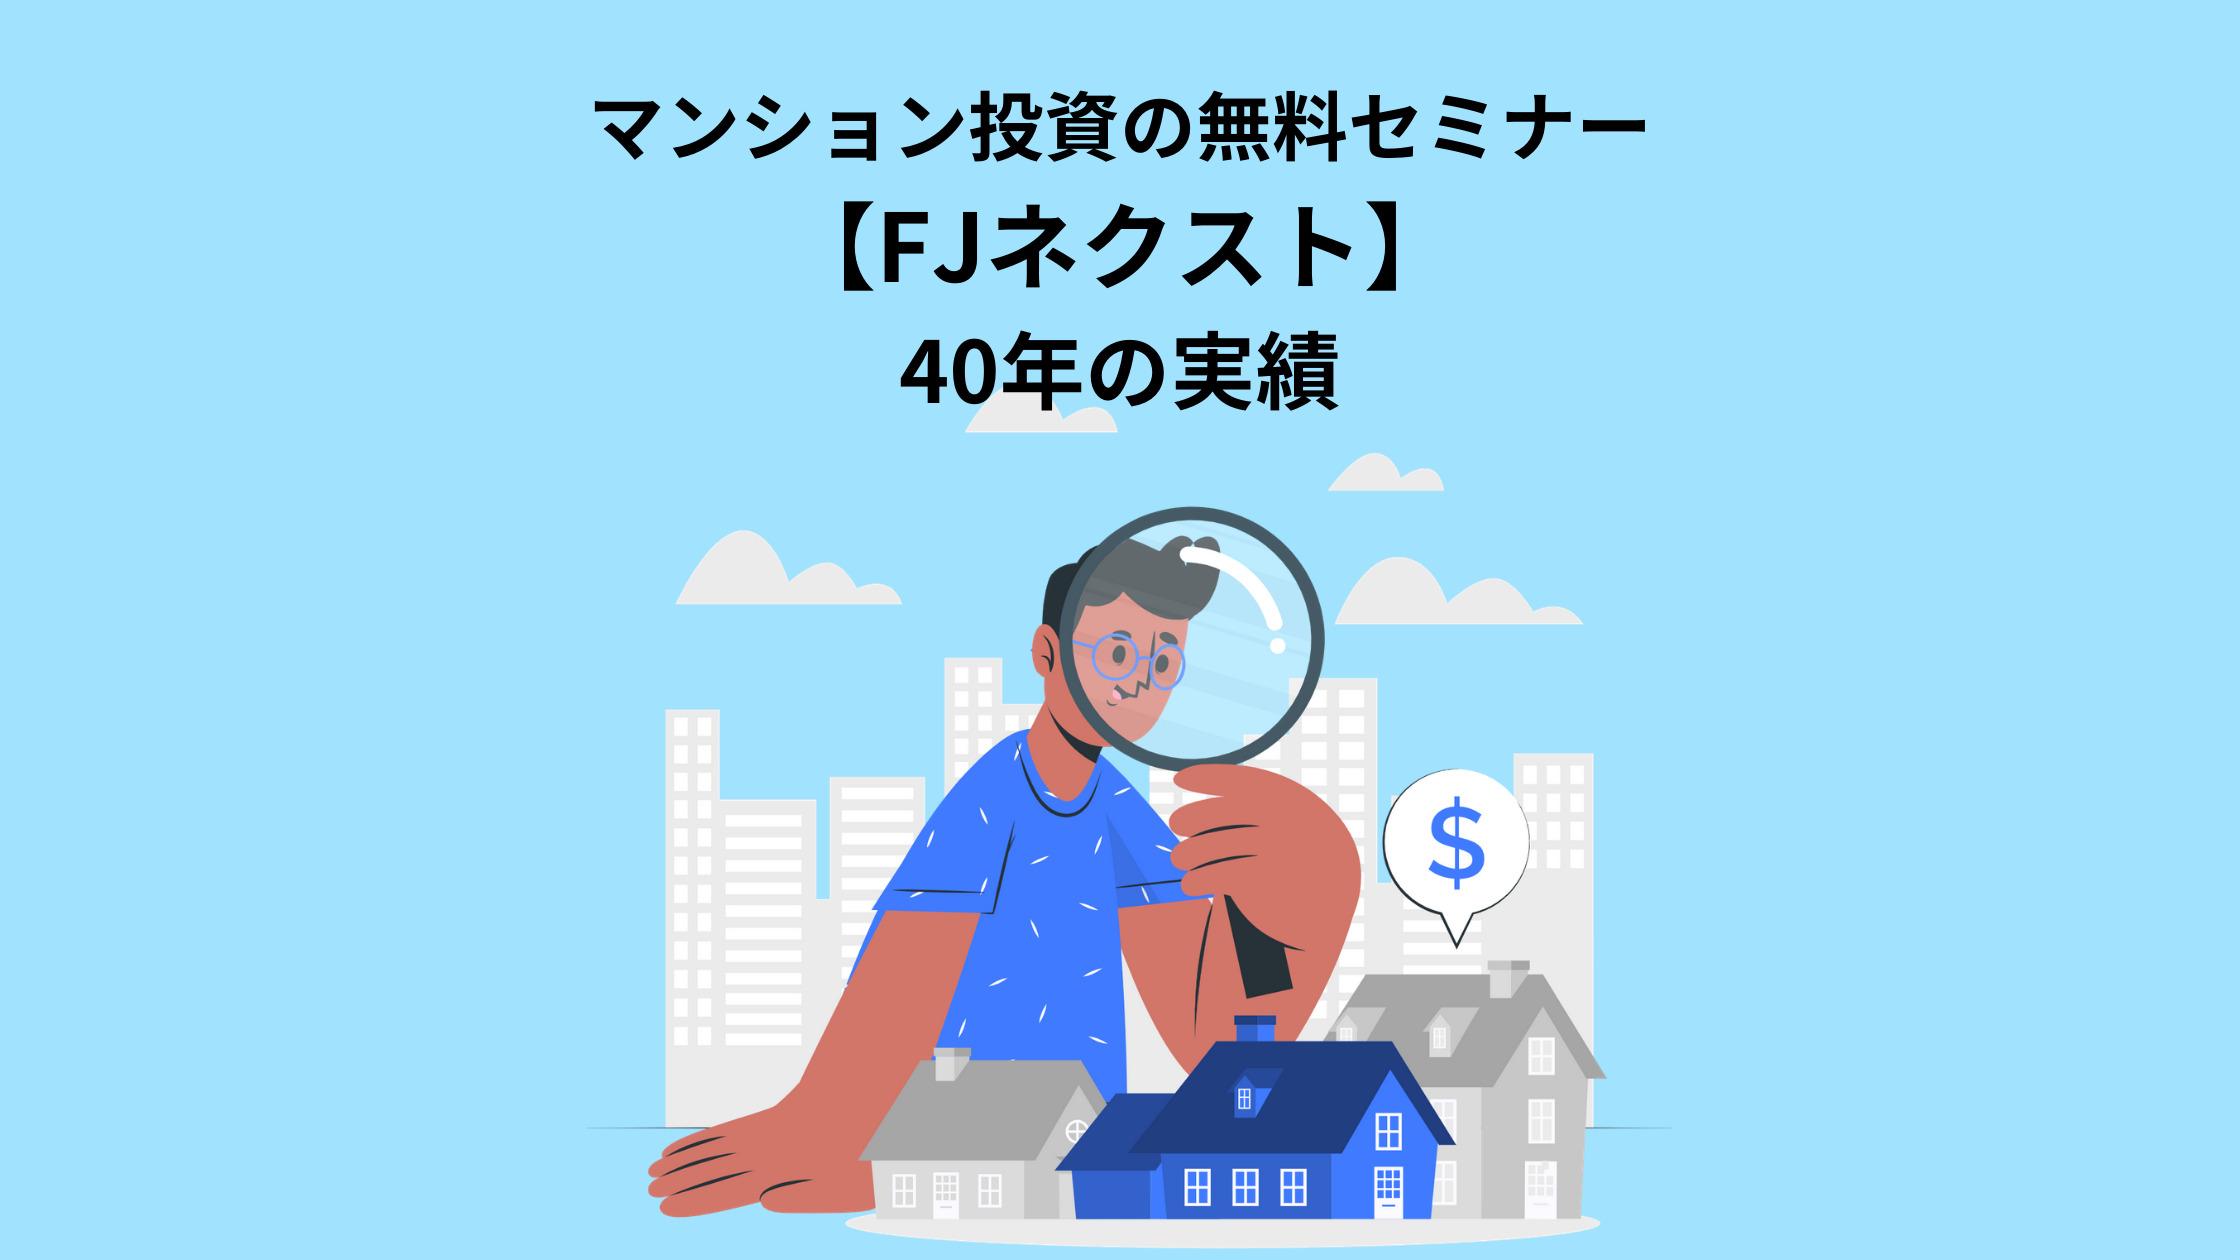 マンション投資の無料セミナー 【FJネクスト】